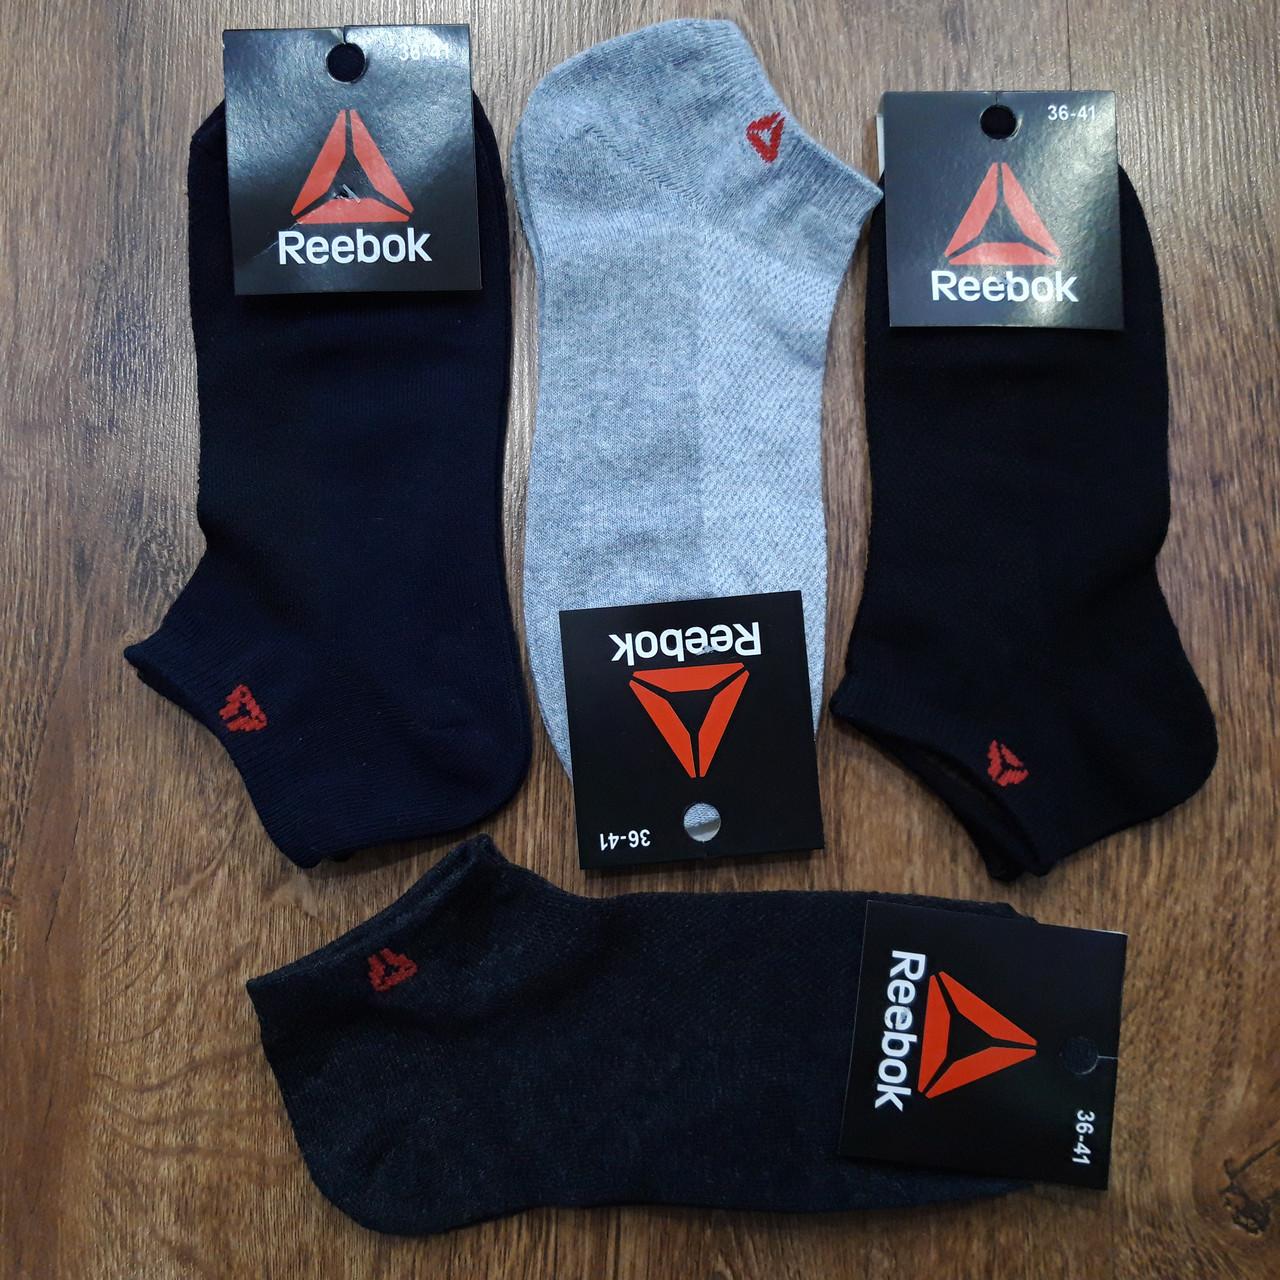 """Жіночі короткі стрейчеві шкарпетки сітка в стилі""""Reebok"""" Туреччина 36-41"""